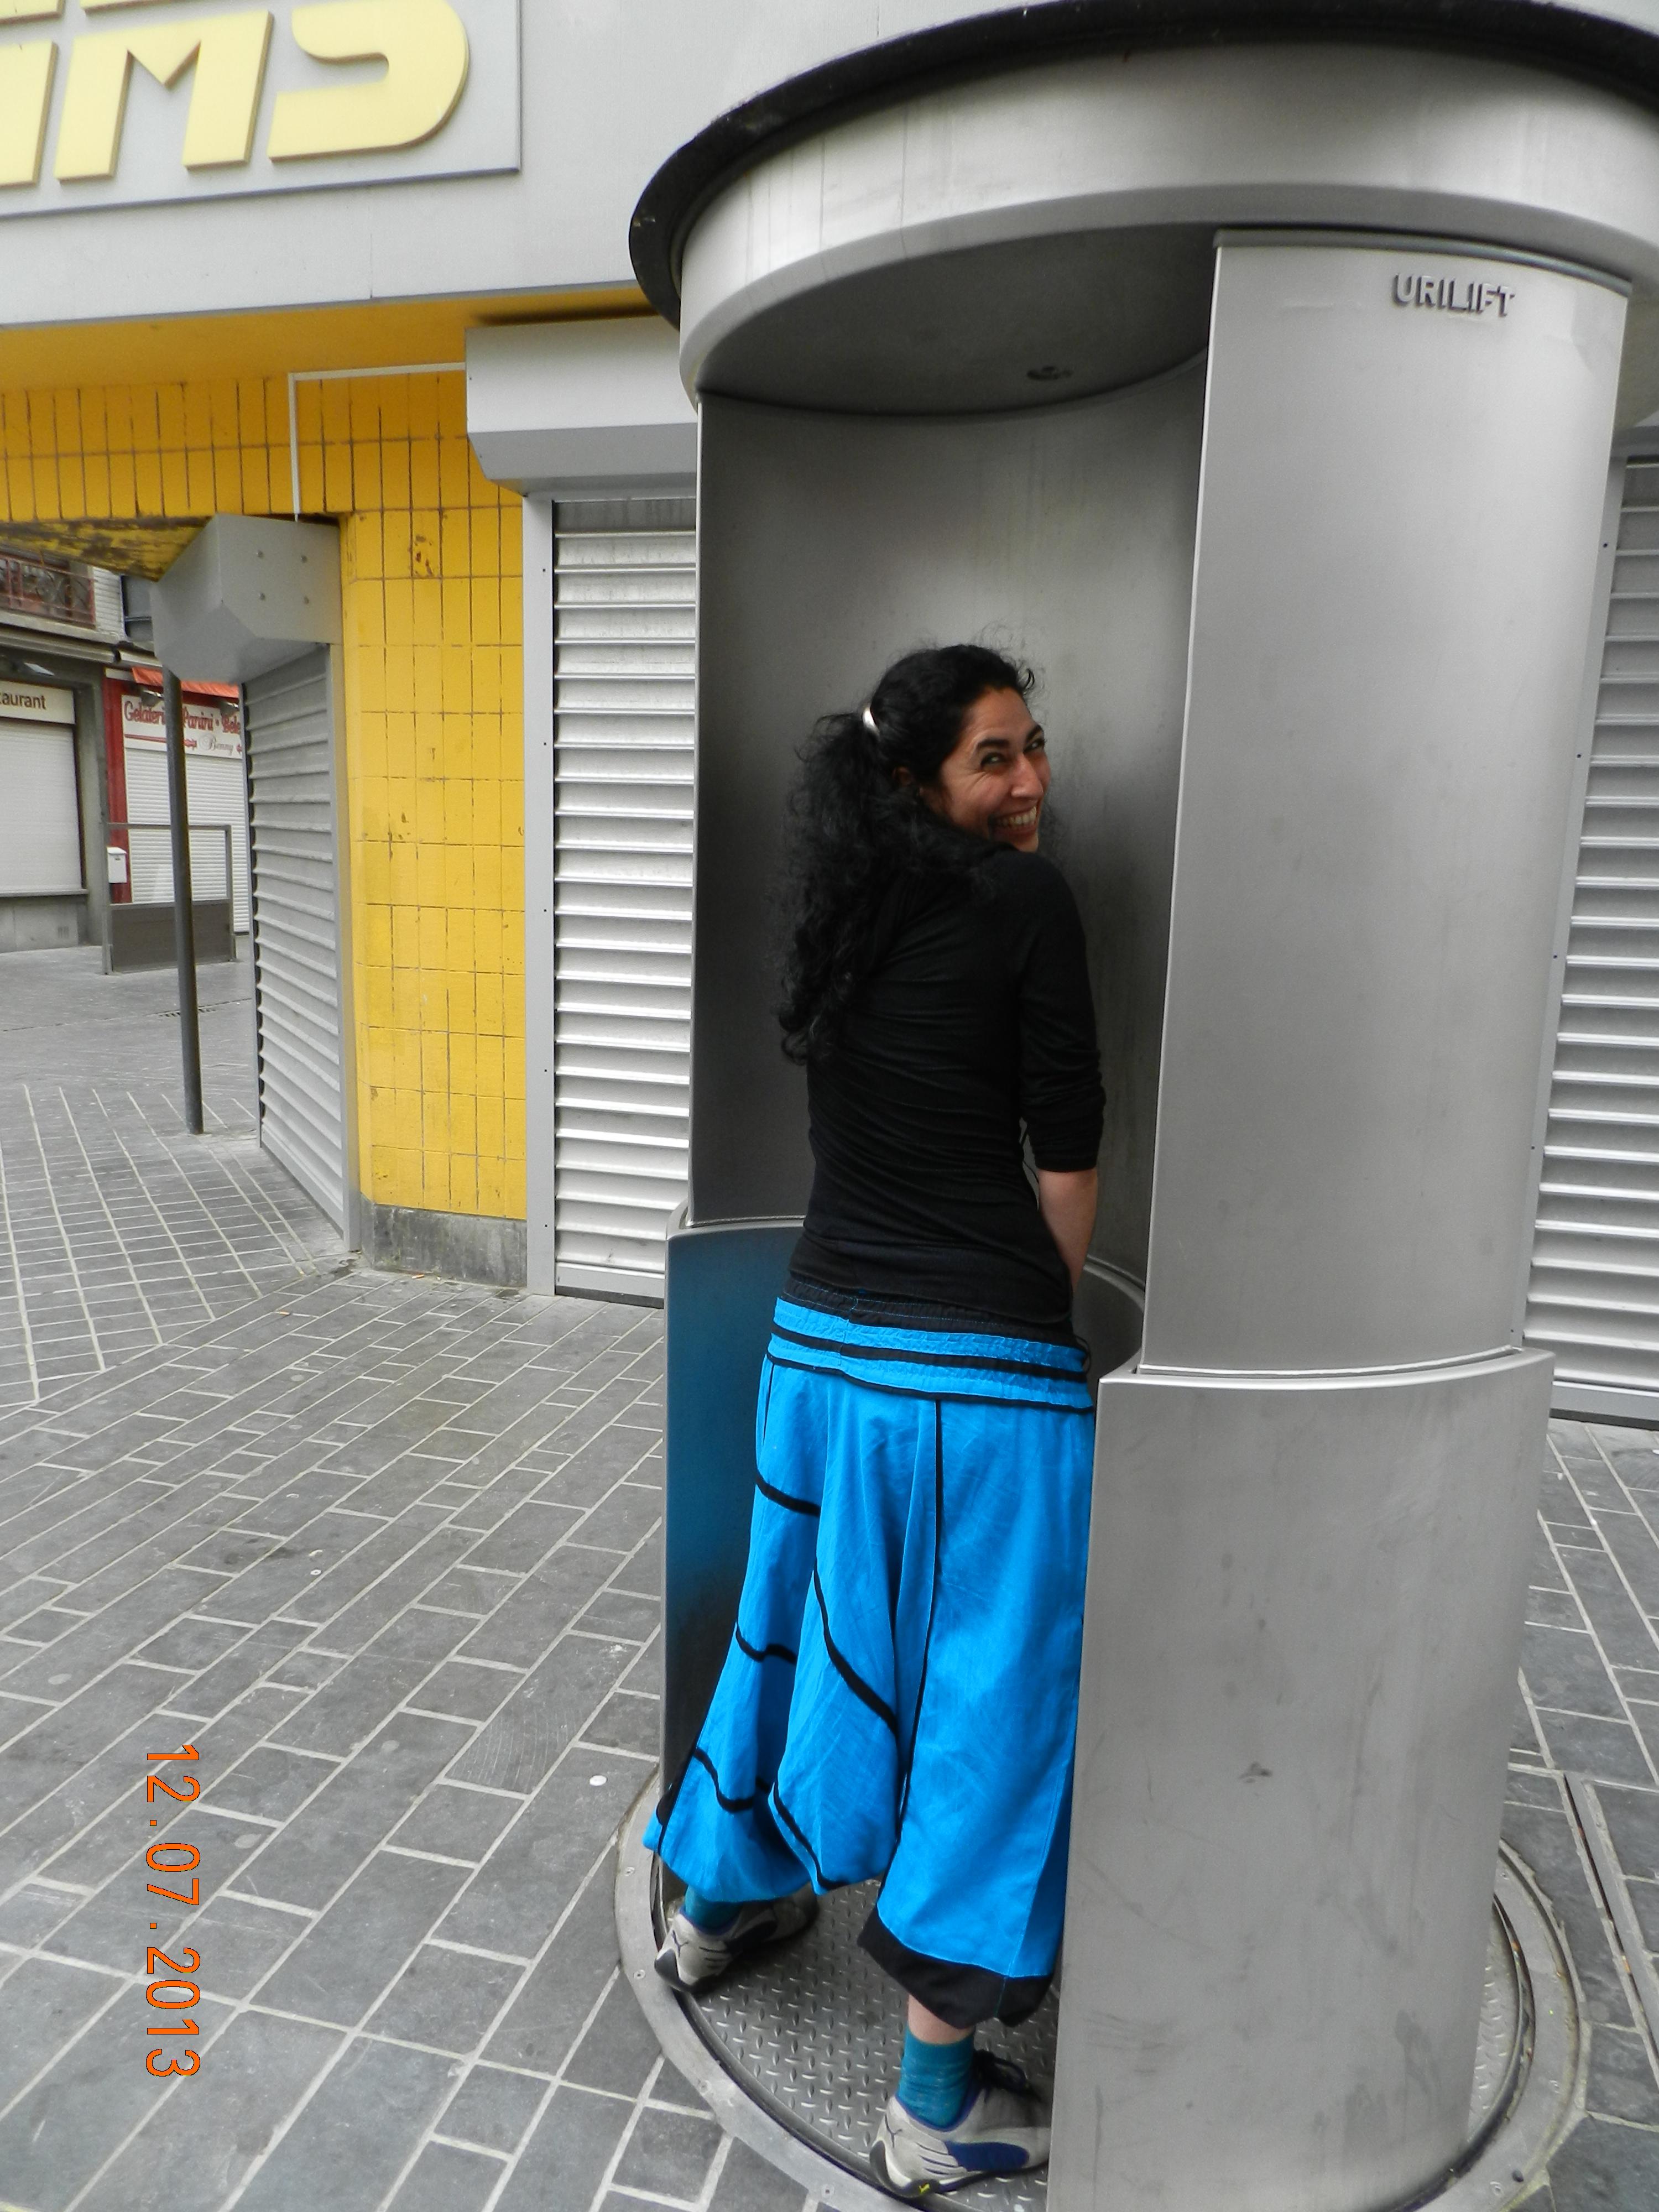 De zogenaamde Urilady in Oostende is een gewoon zelfreinigend toilet